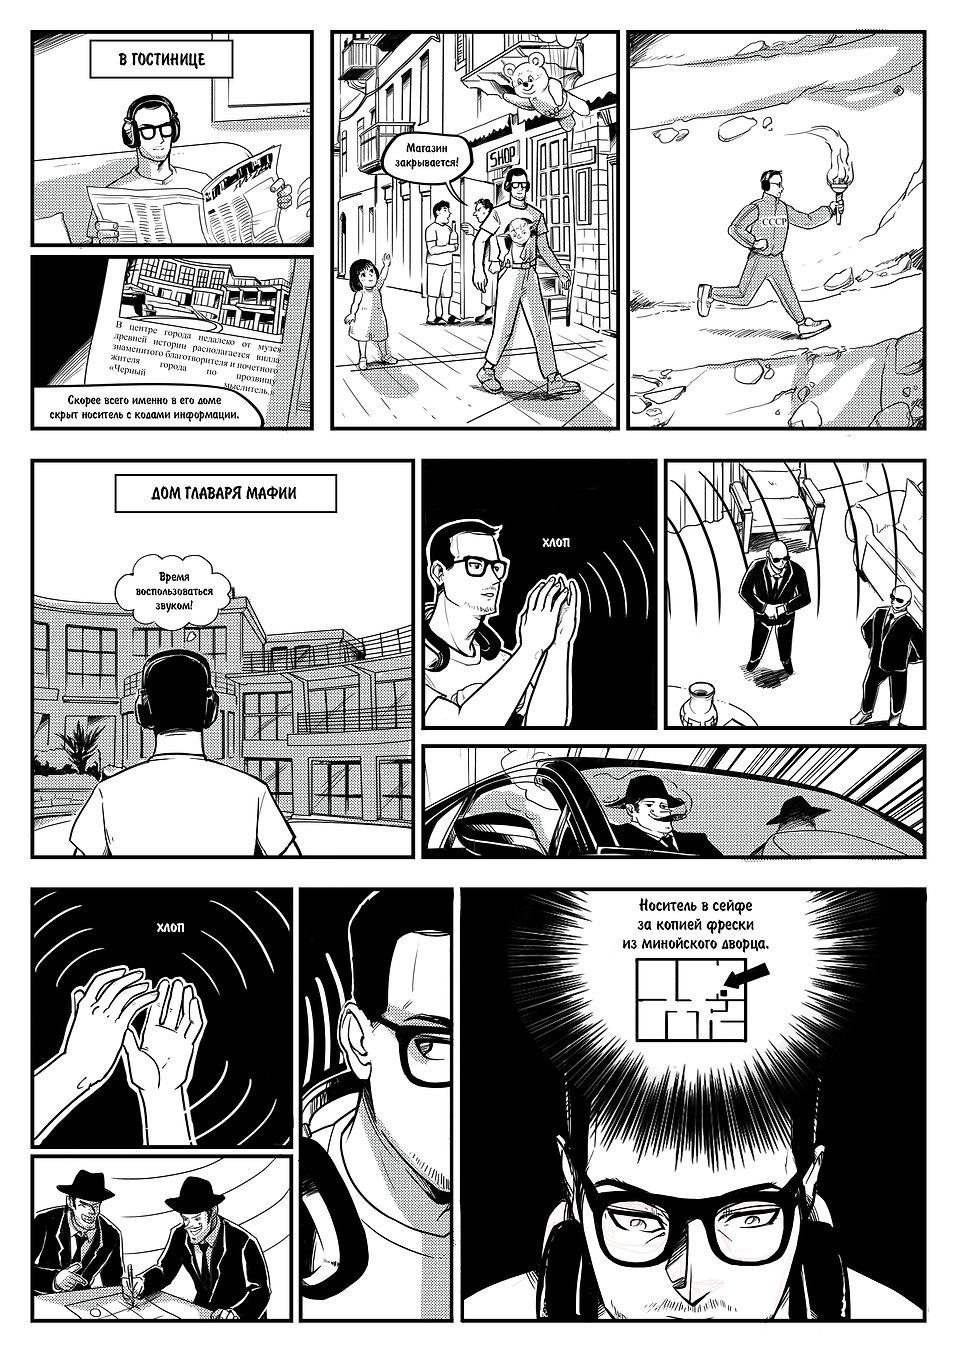 """Авторский комикс в стиле манга """"Звукобог"""".  Создан на заказ, в подарок другу. Стр.4"""